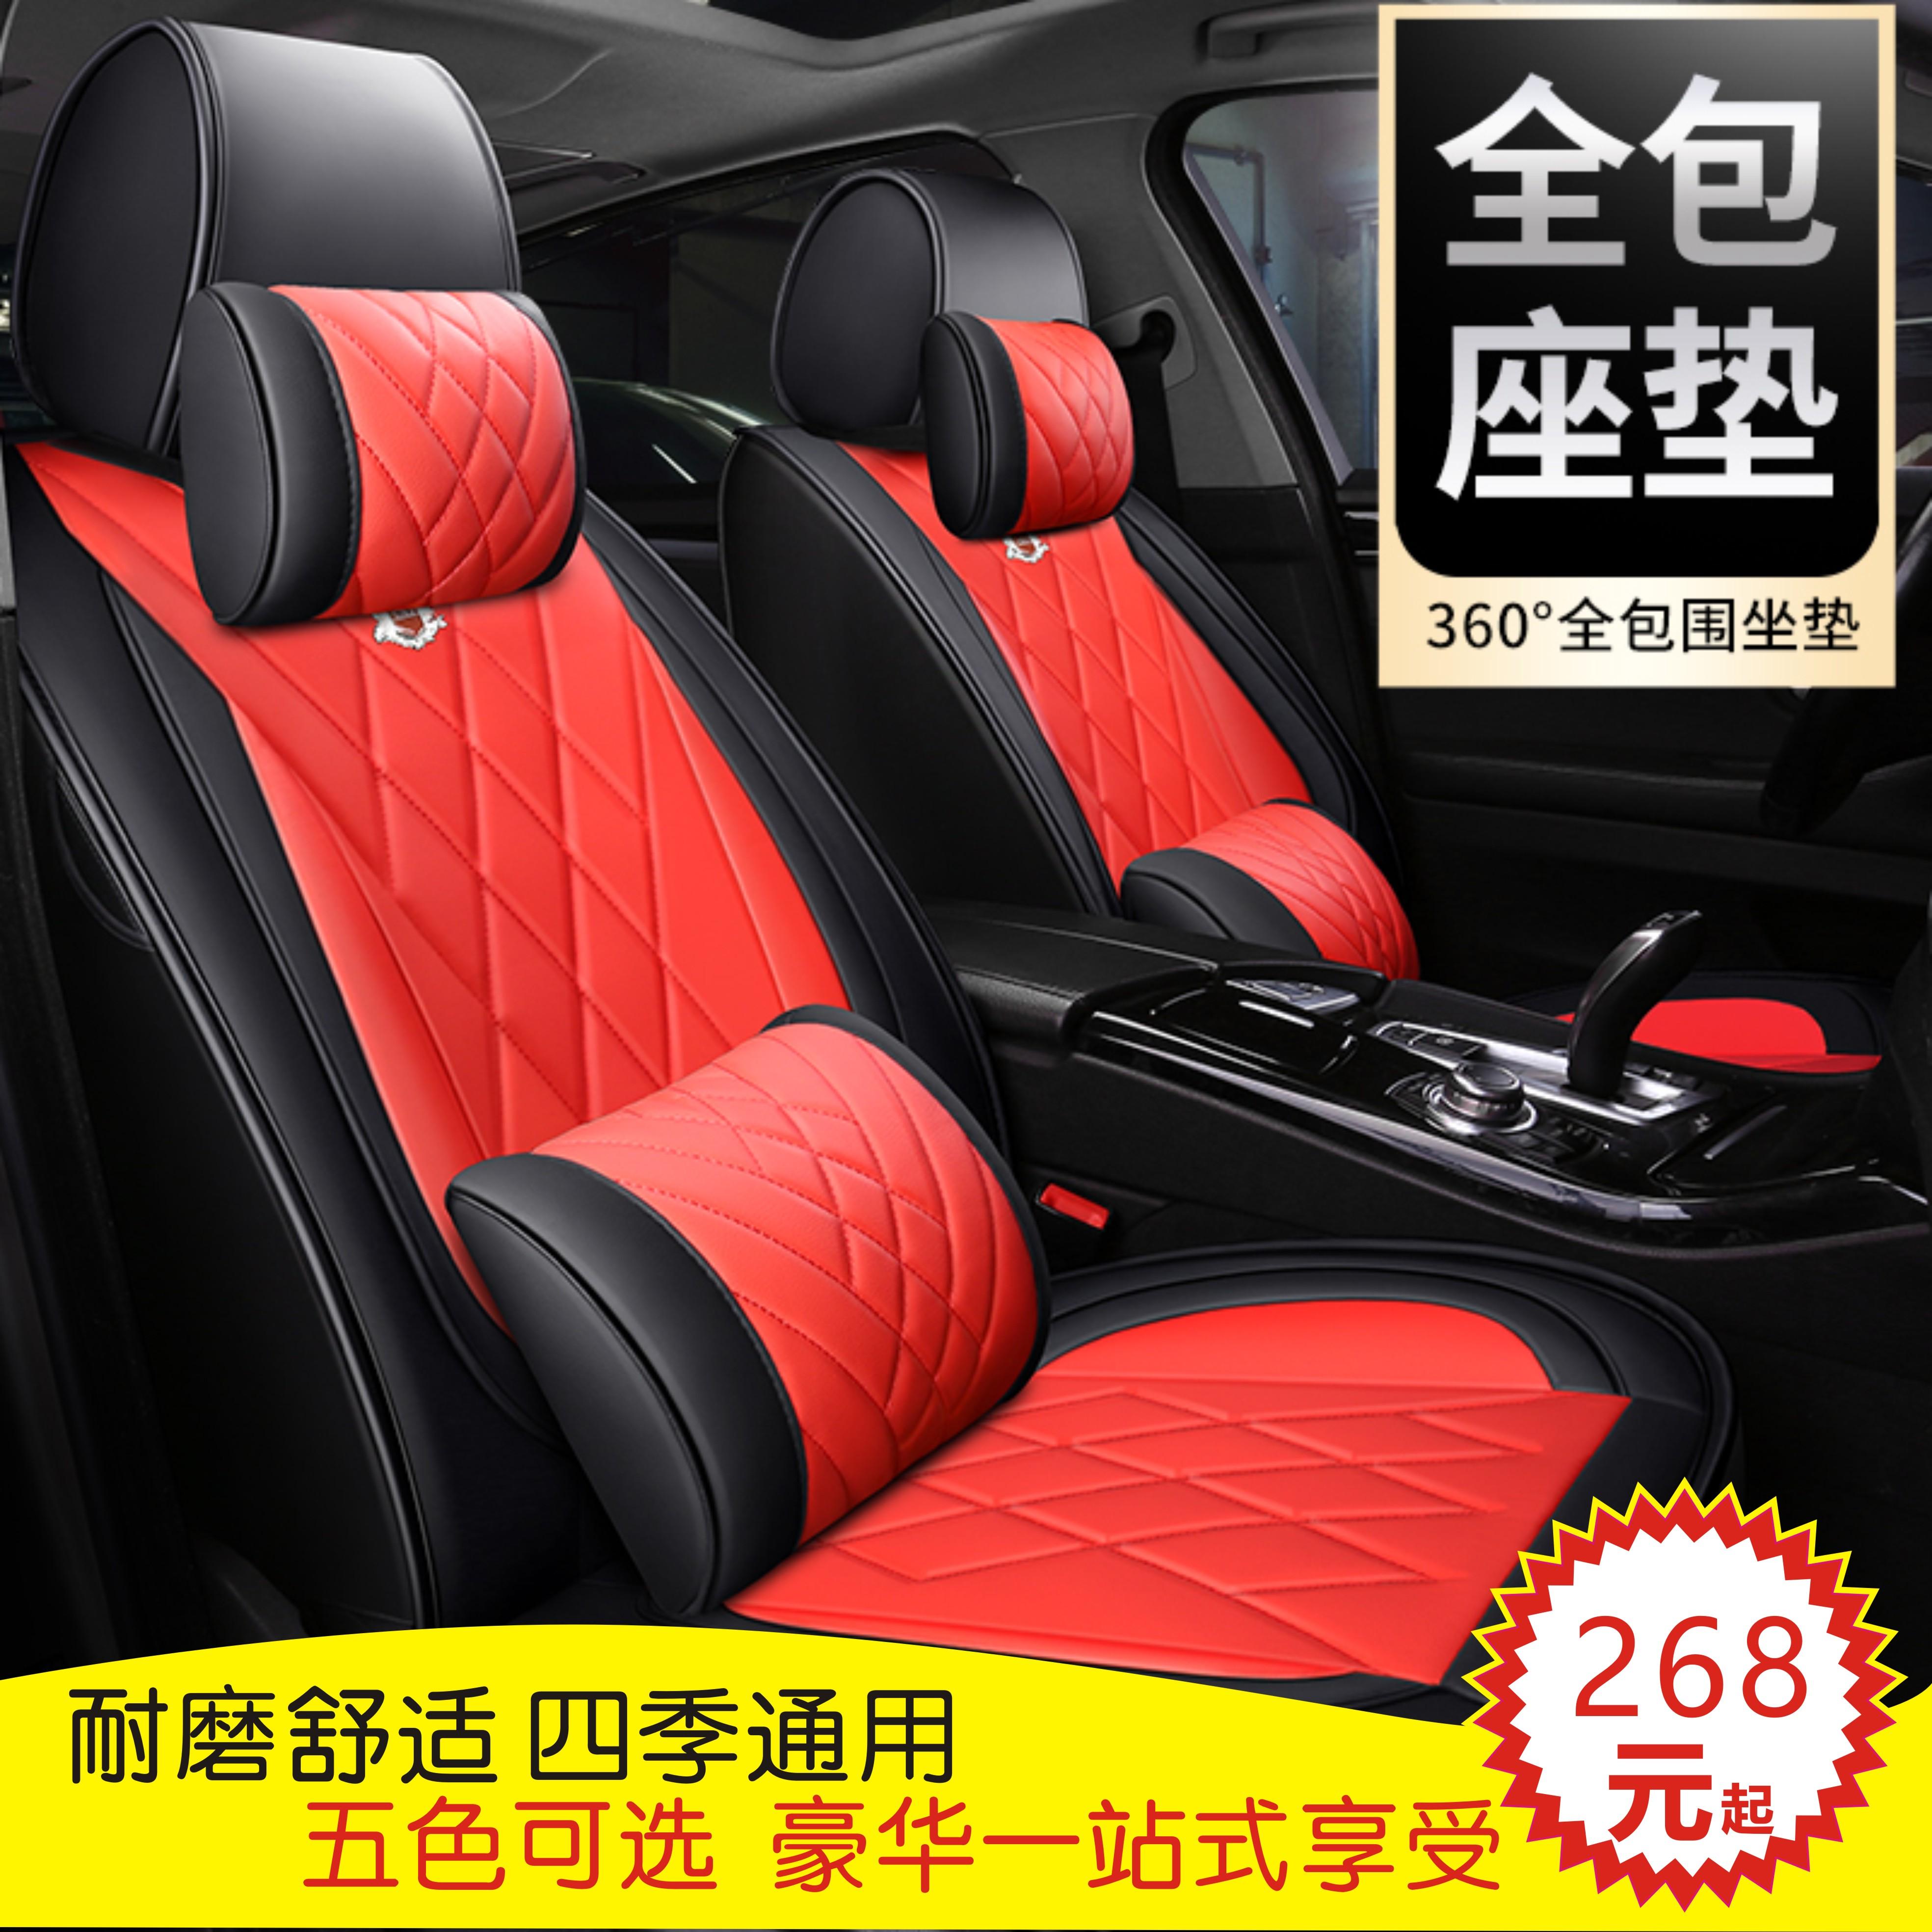 夏季皮革汽车坐垫全包座套东风风行景逸X5 2017款2.0L手动尊贵型